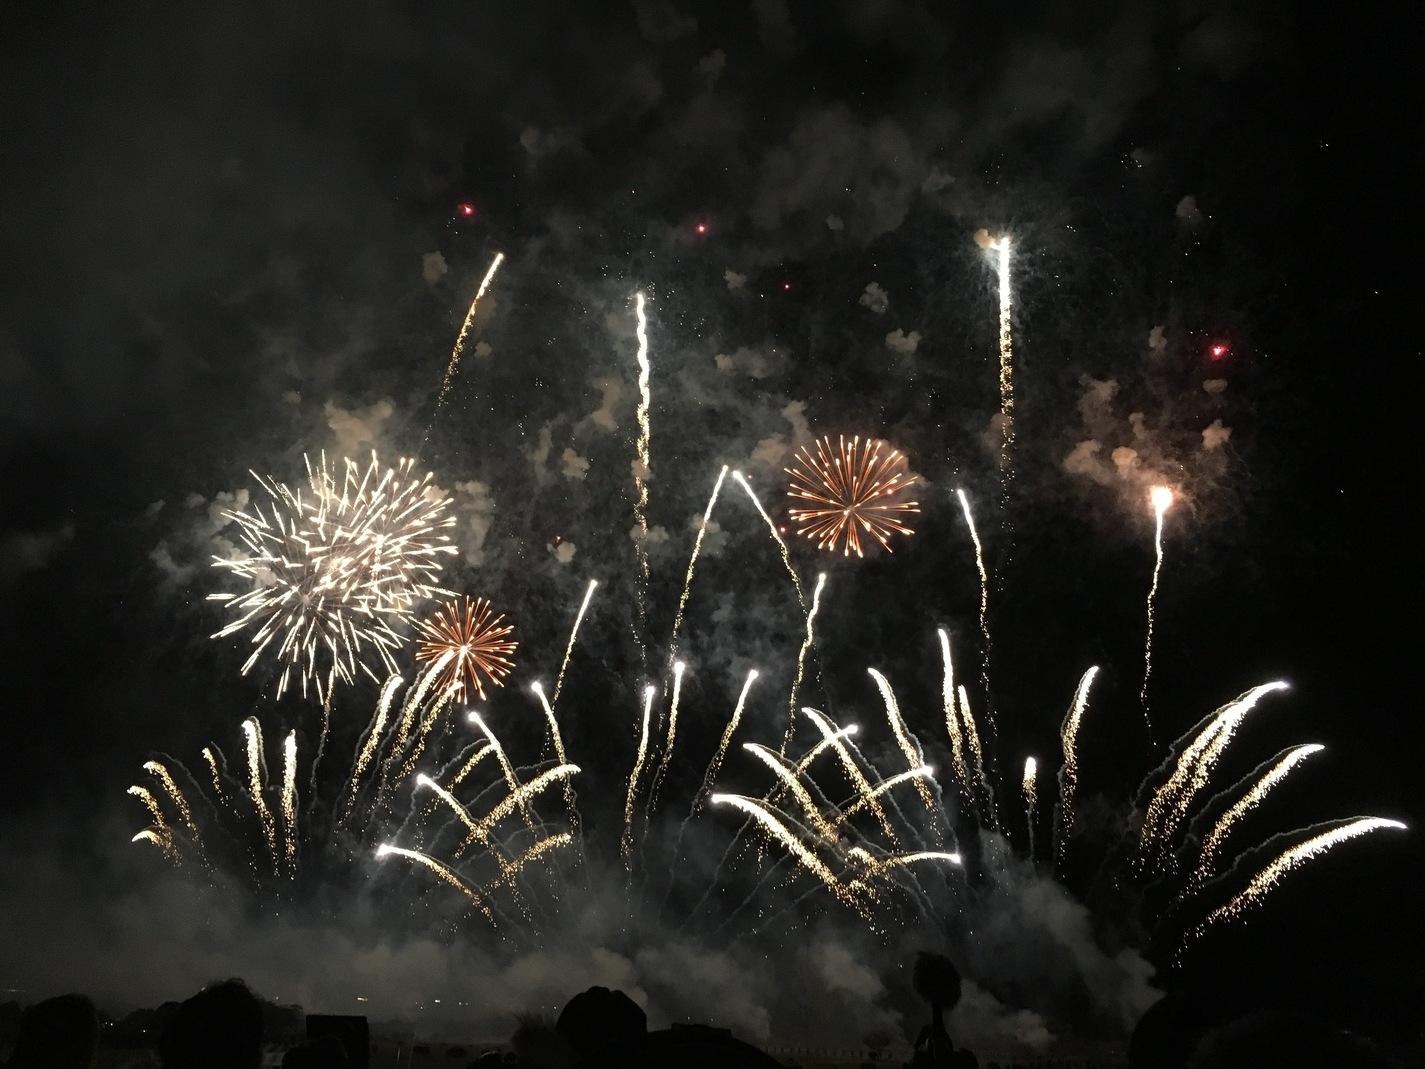 Nagano Ebisuko Fireworks Festival